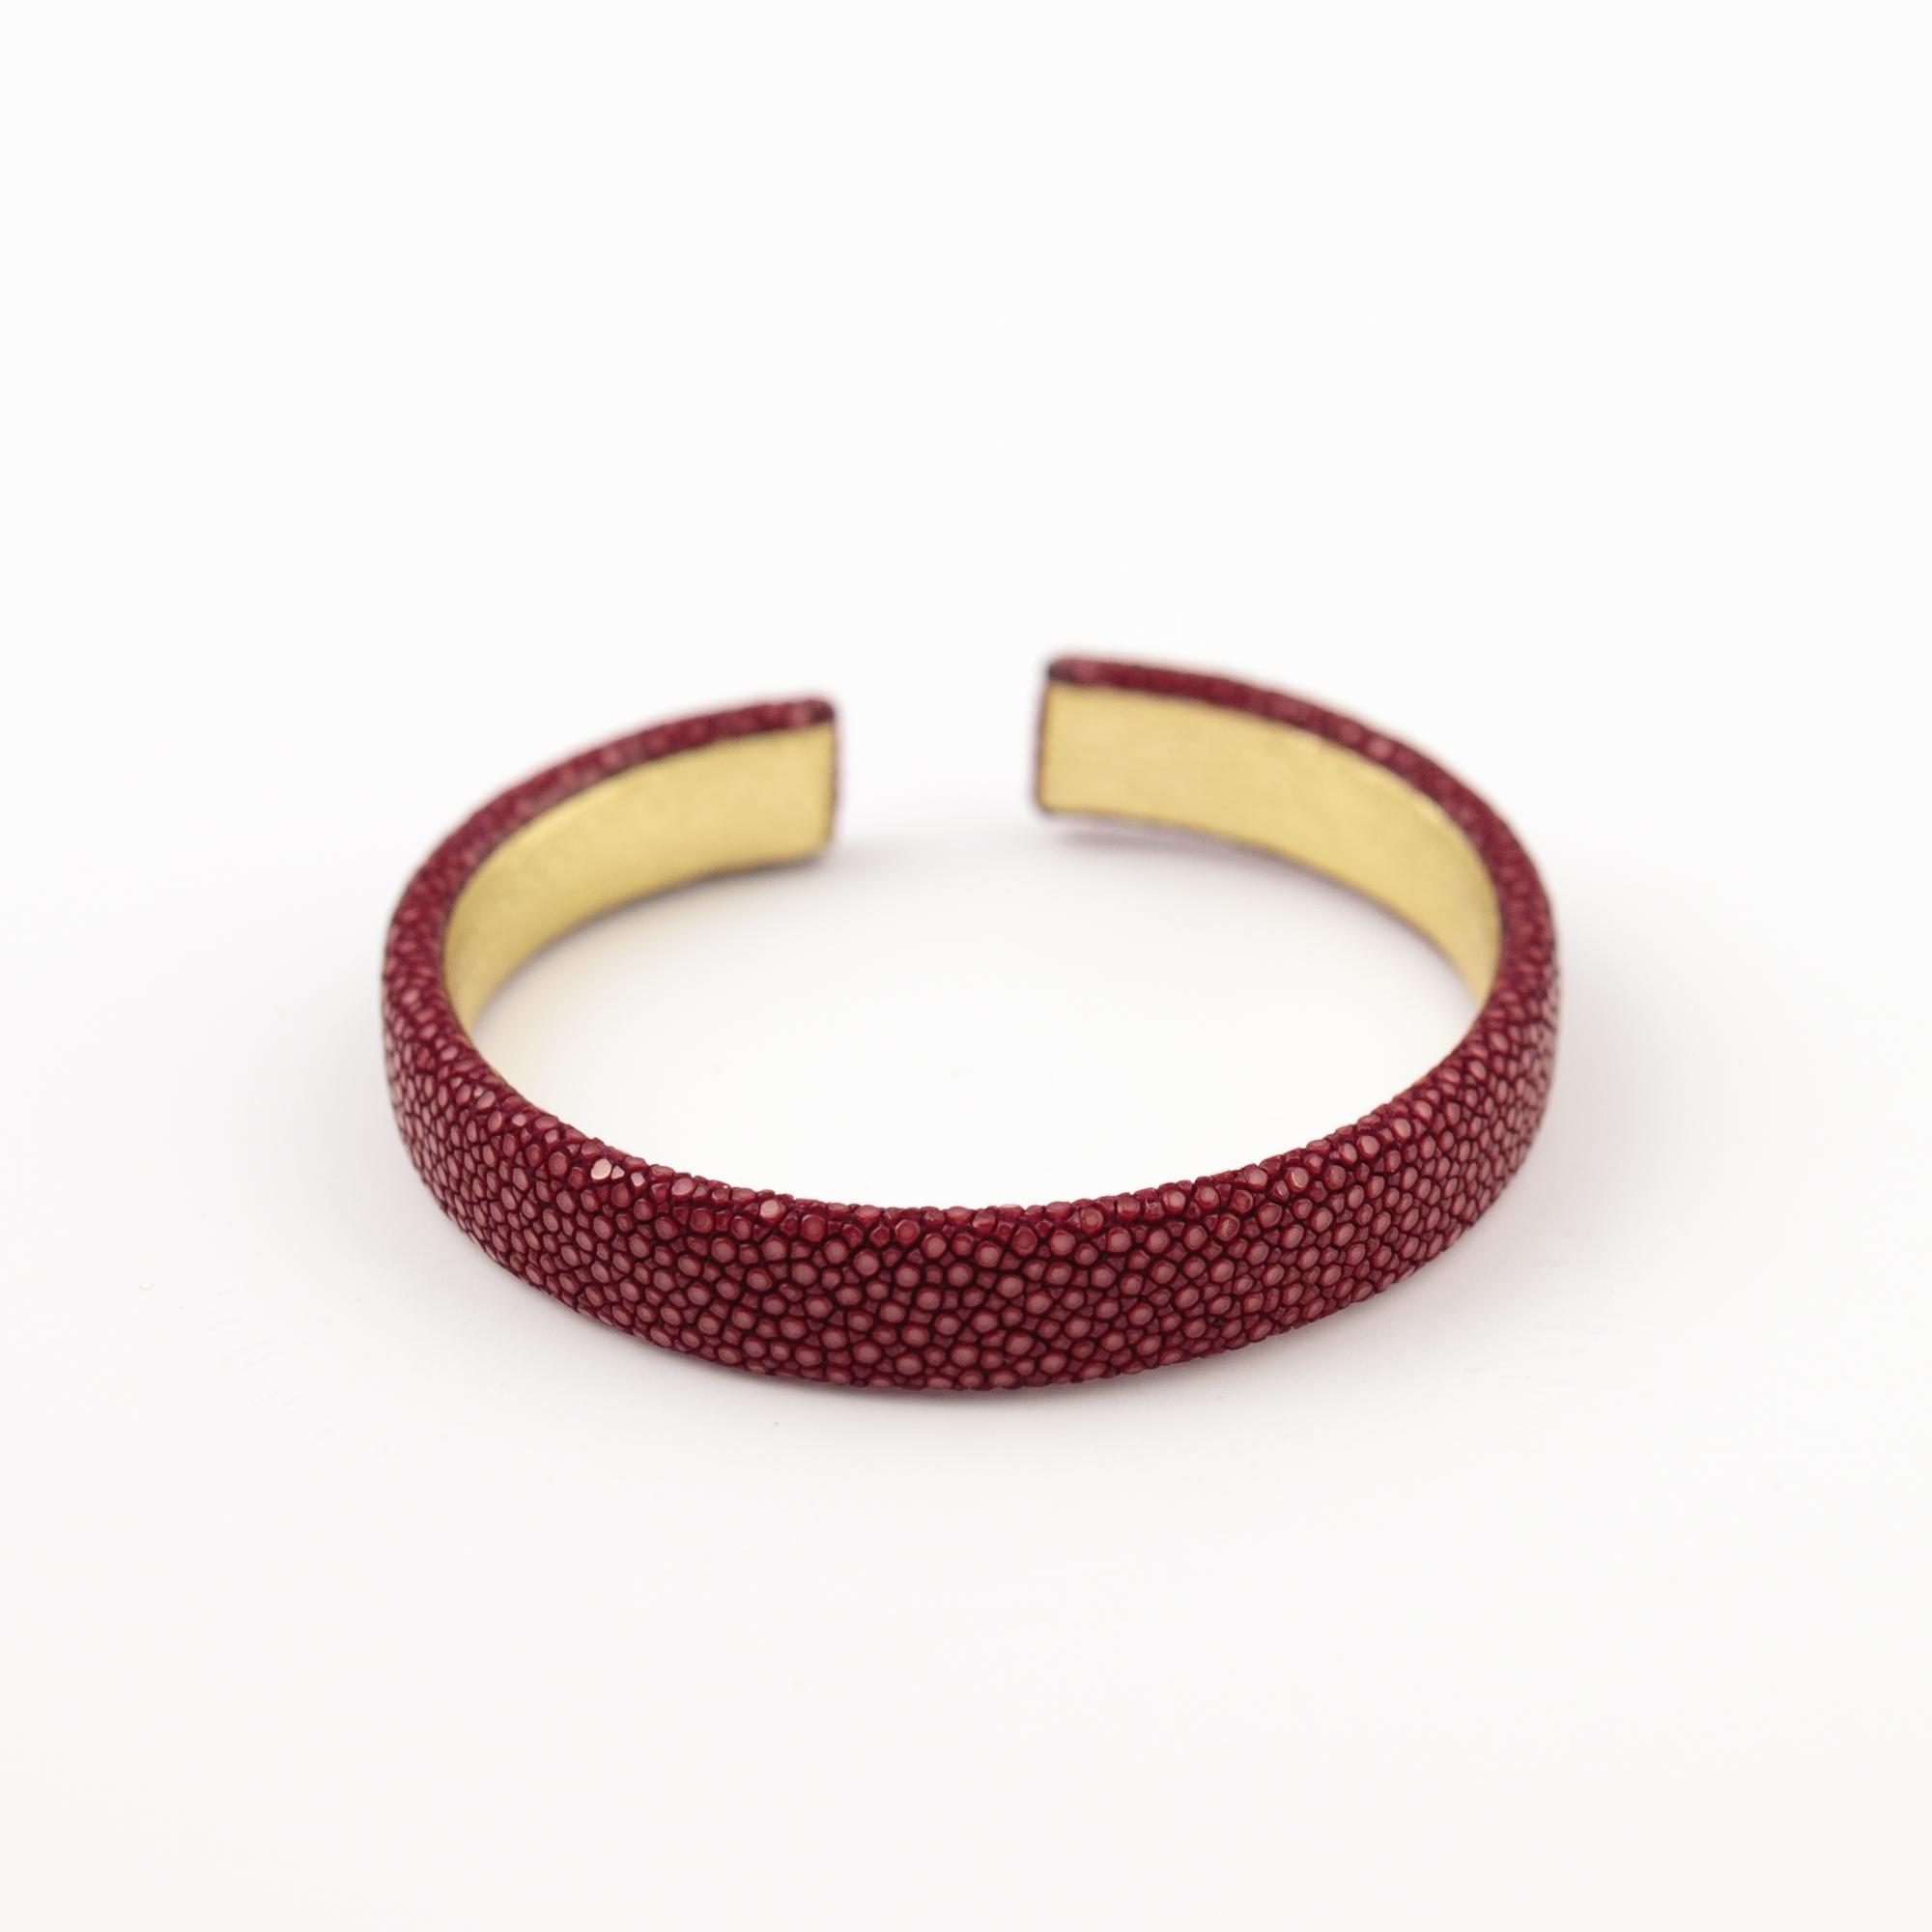 tresor-by-flore-galuchat-bracelet-simplicite-small-bordeaux